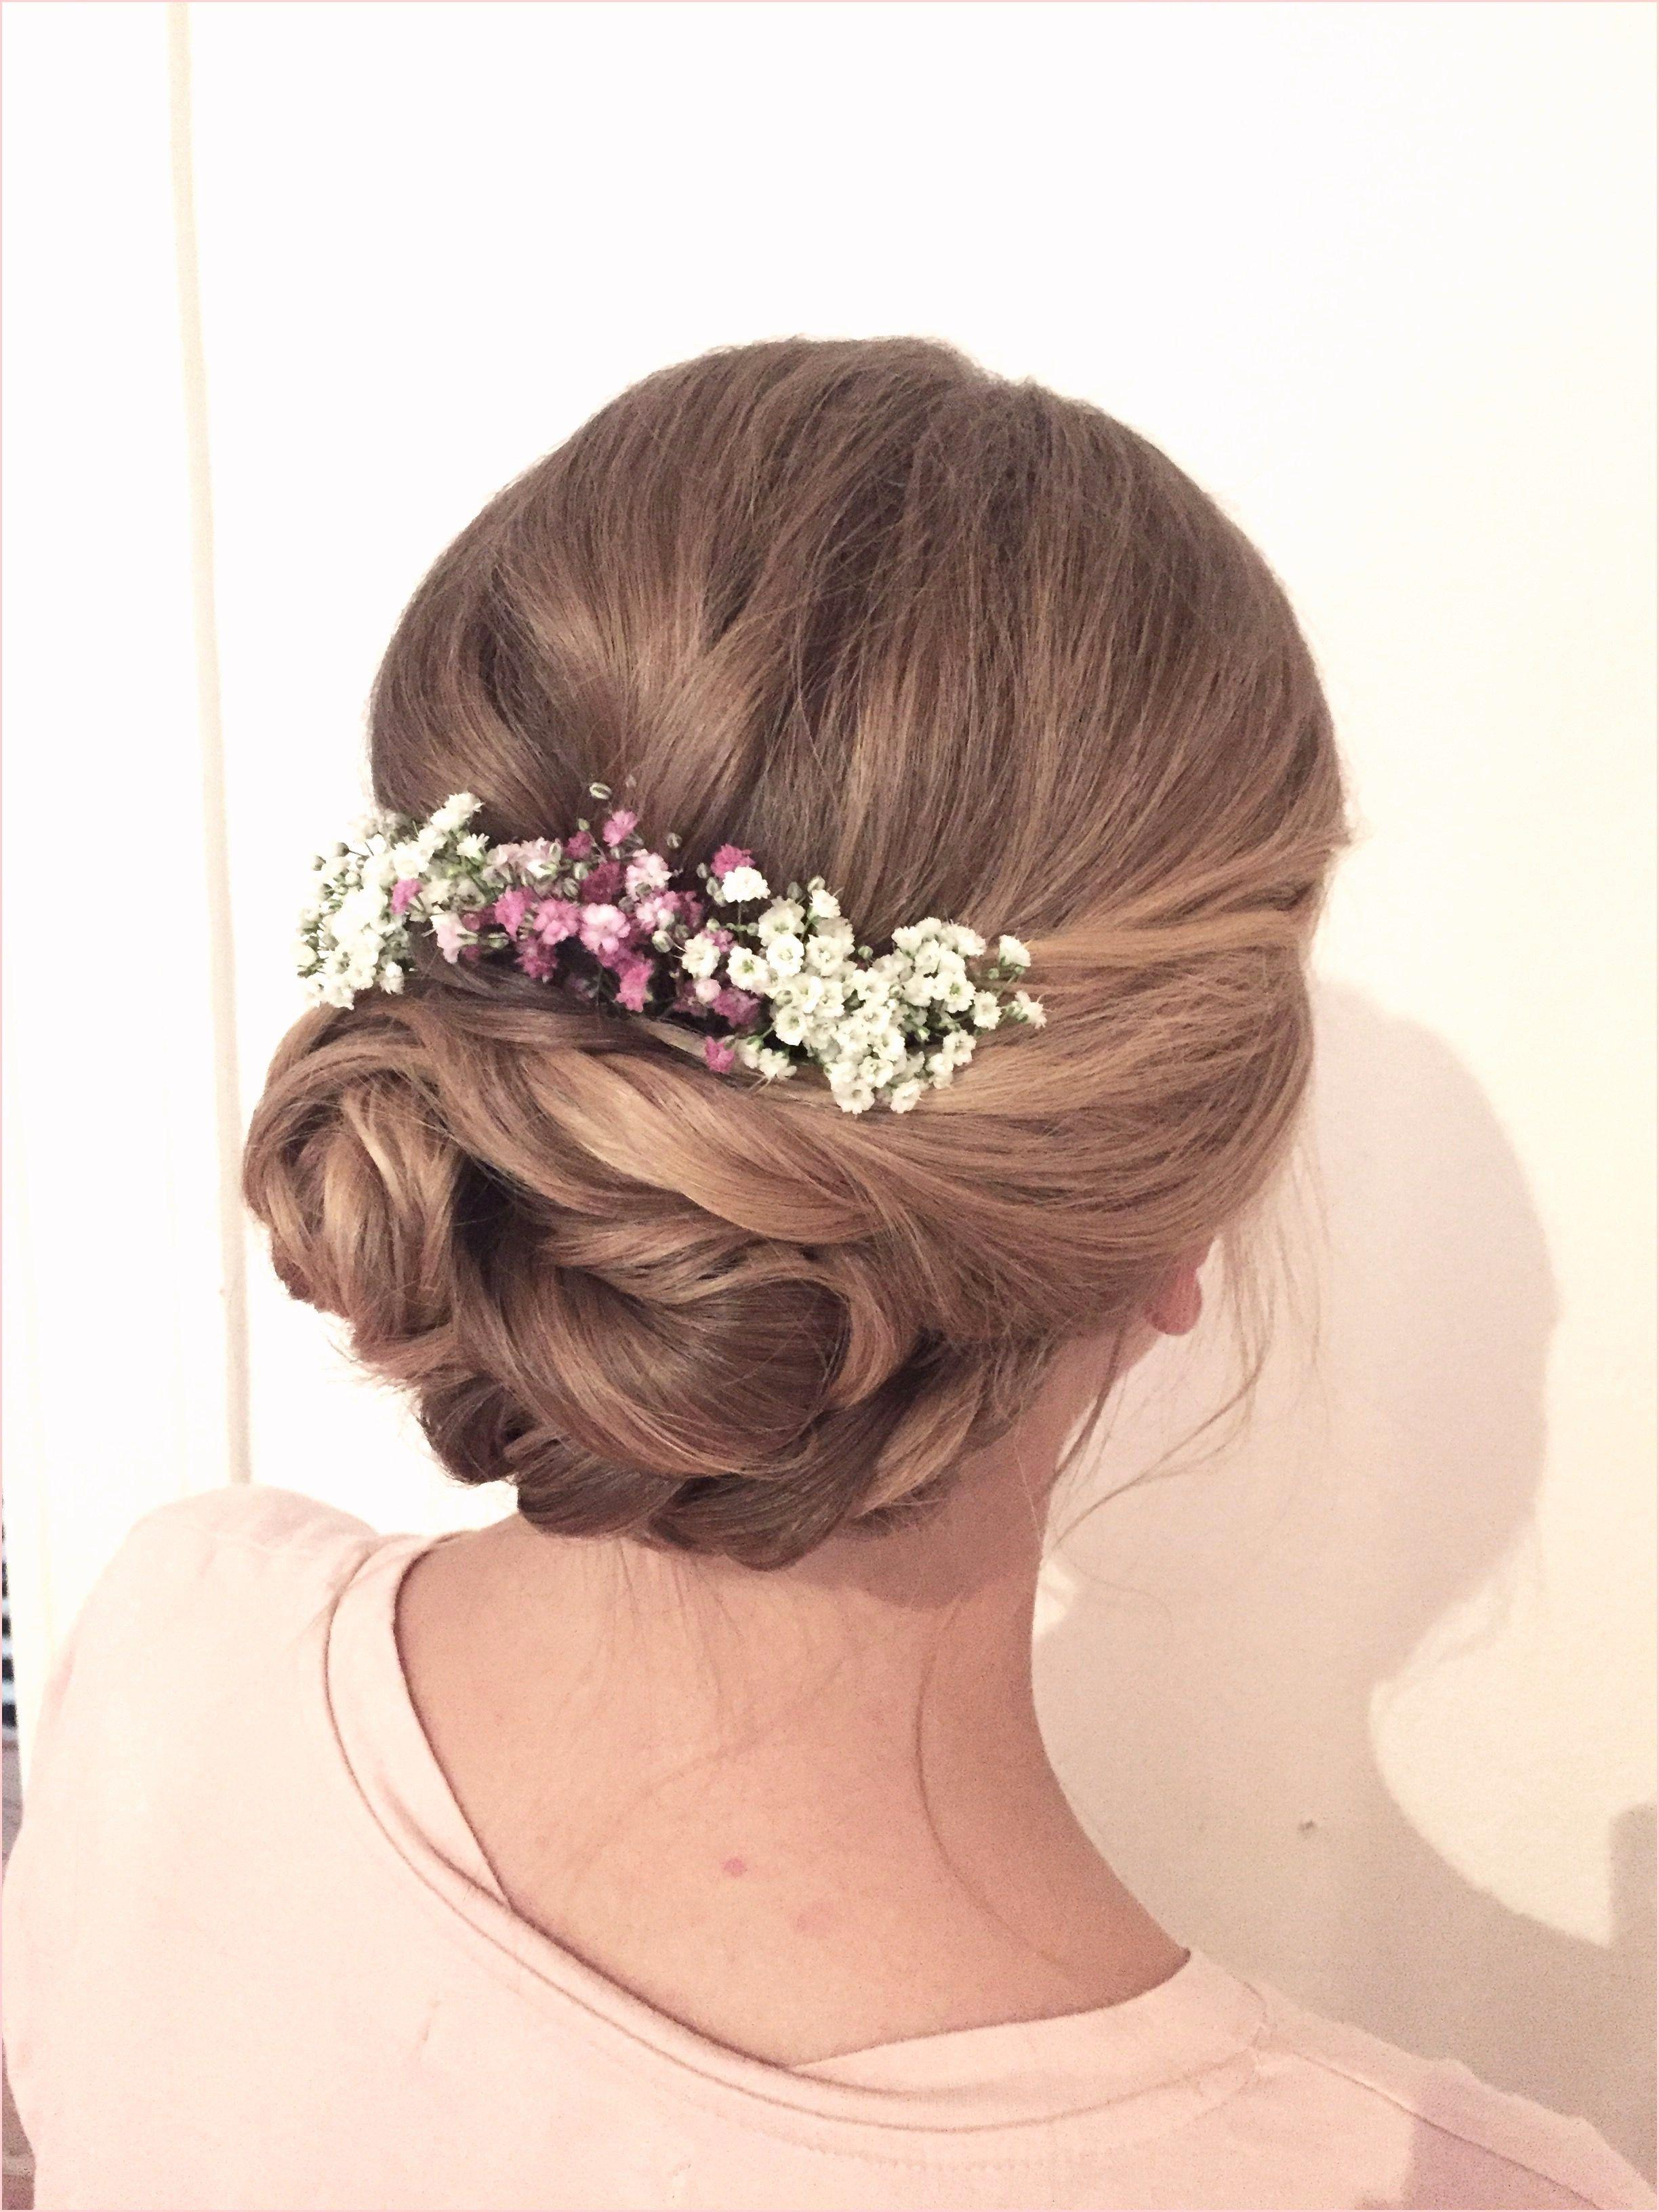 Hochzeitsfrisuren Celle  Brautfrisur, Haare hochzeit